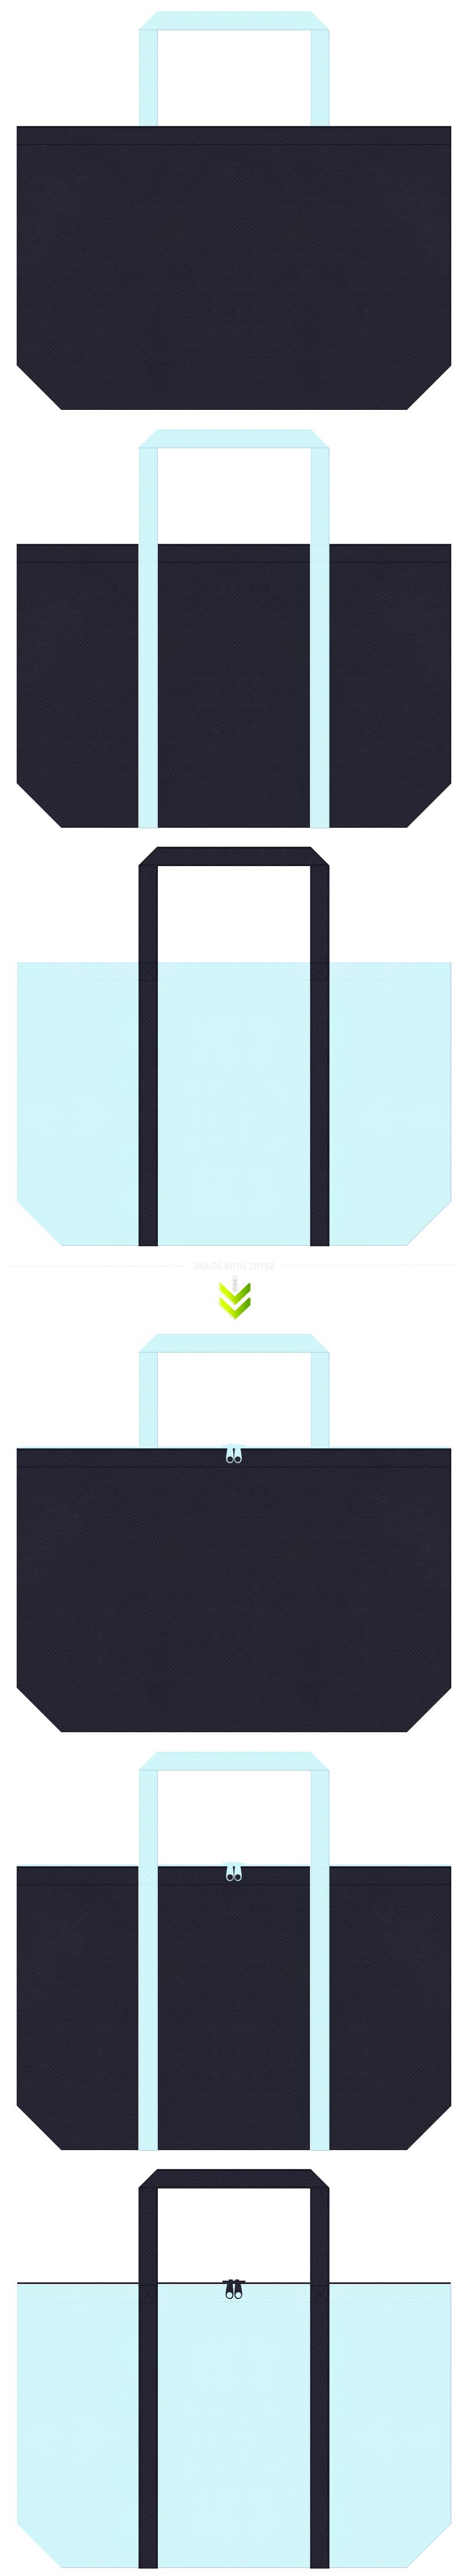 濃紺色と水色の不織布エコバッグのデザイン。アクアリウムのノベルティにお奨めです。